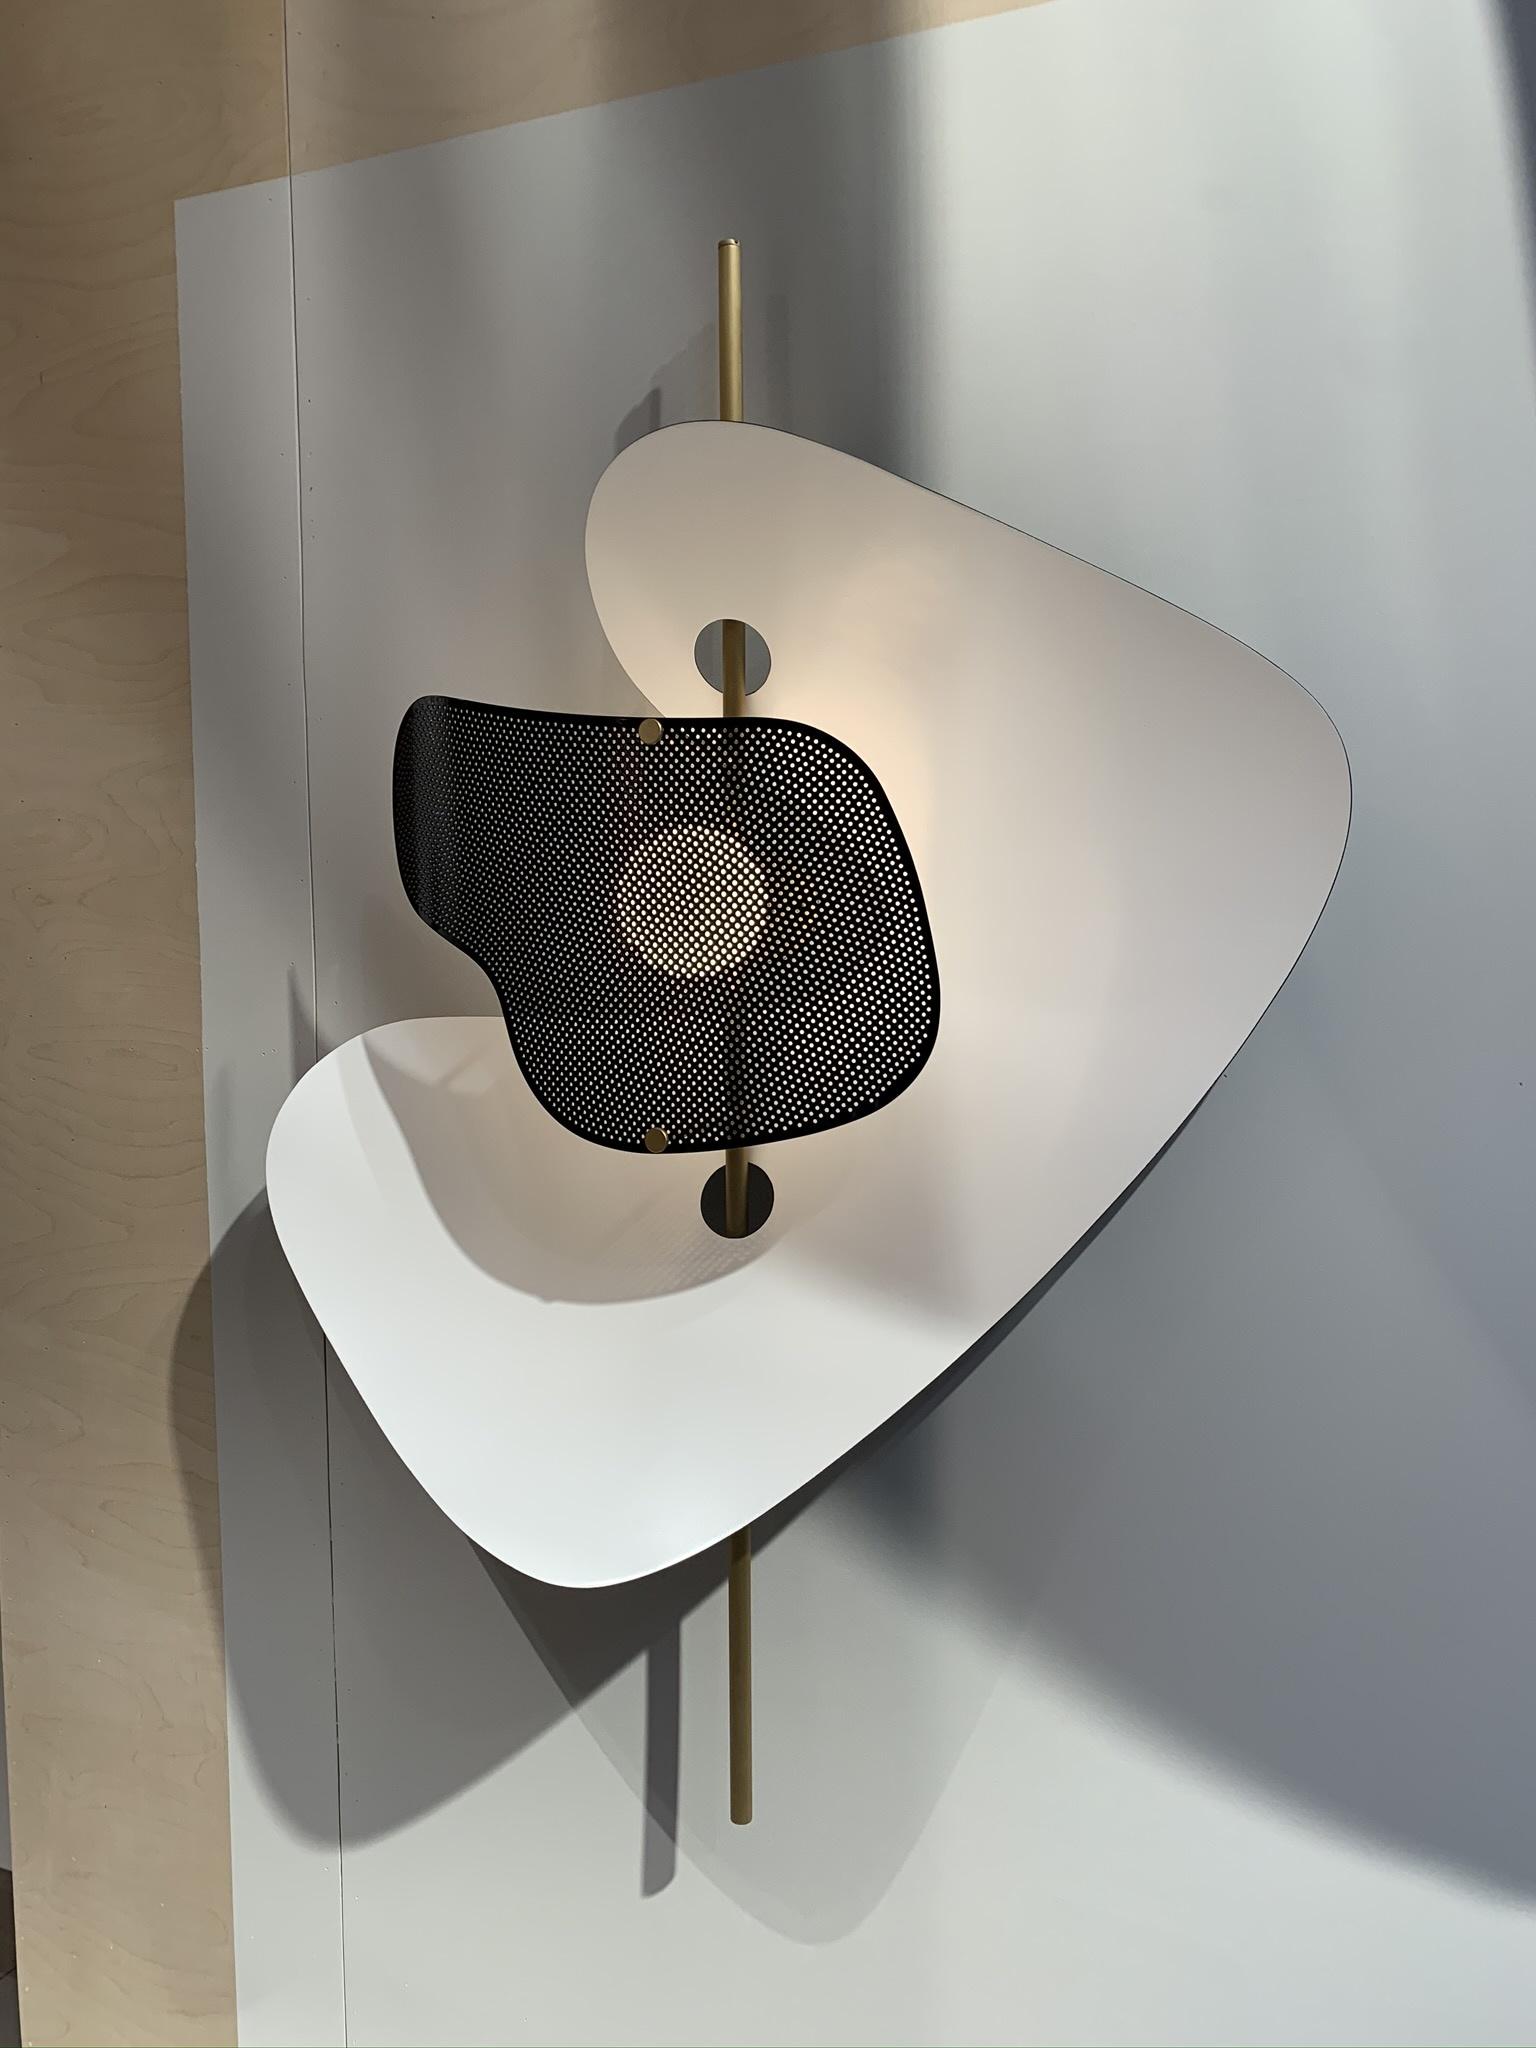 Неделя дизайна в Стокгольме 2020: блог бюро P+Z (галерея 8, фото 0)